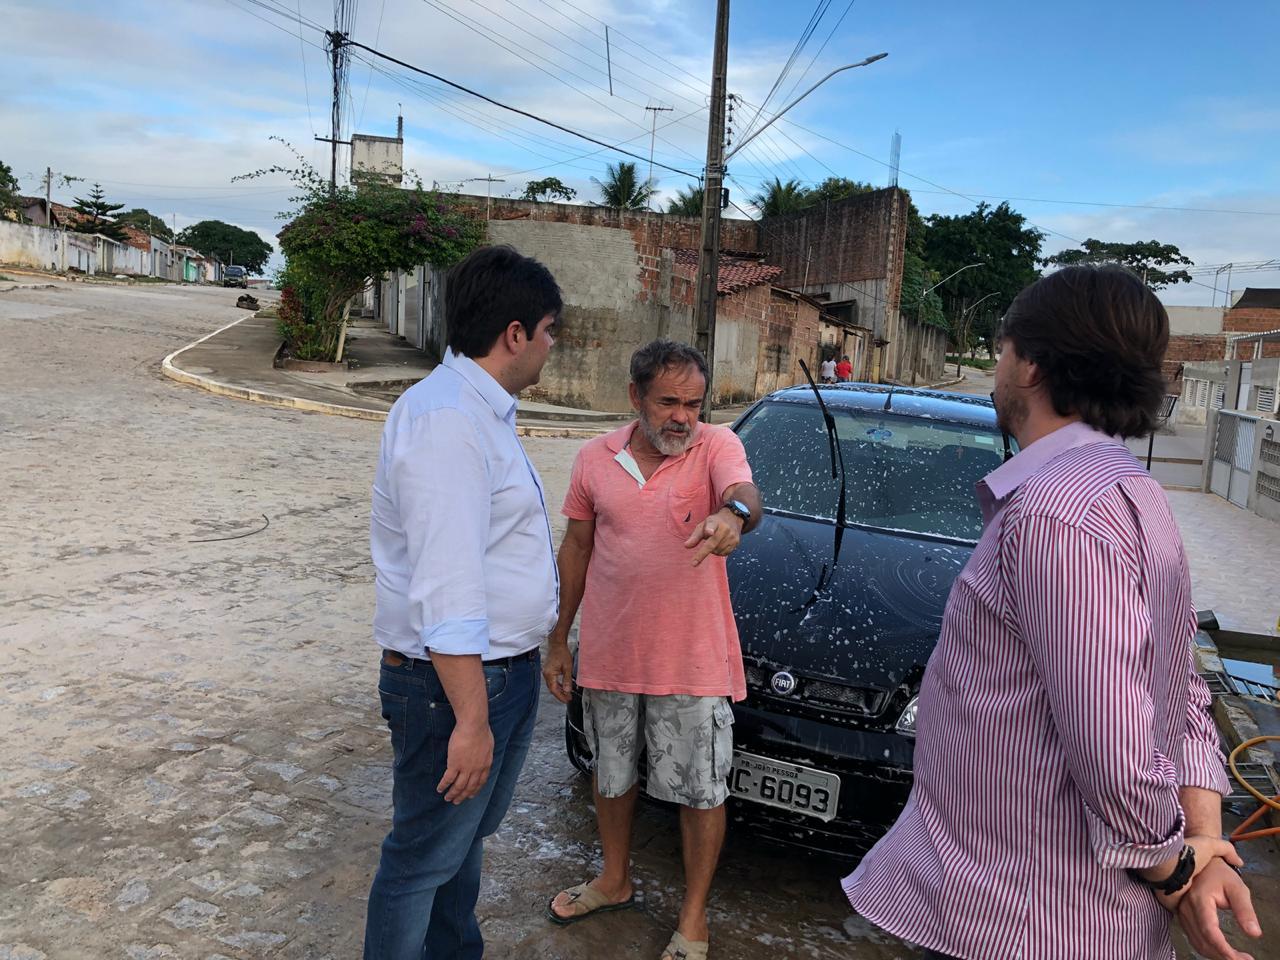 35c4740b 7edf 47fd a230 ca88c06cea1e - Eduardo Carneiro aproveita recesso na ALPB para acompanhar execução de obras em João Pessoa